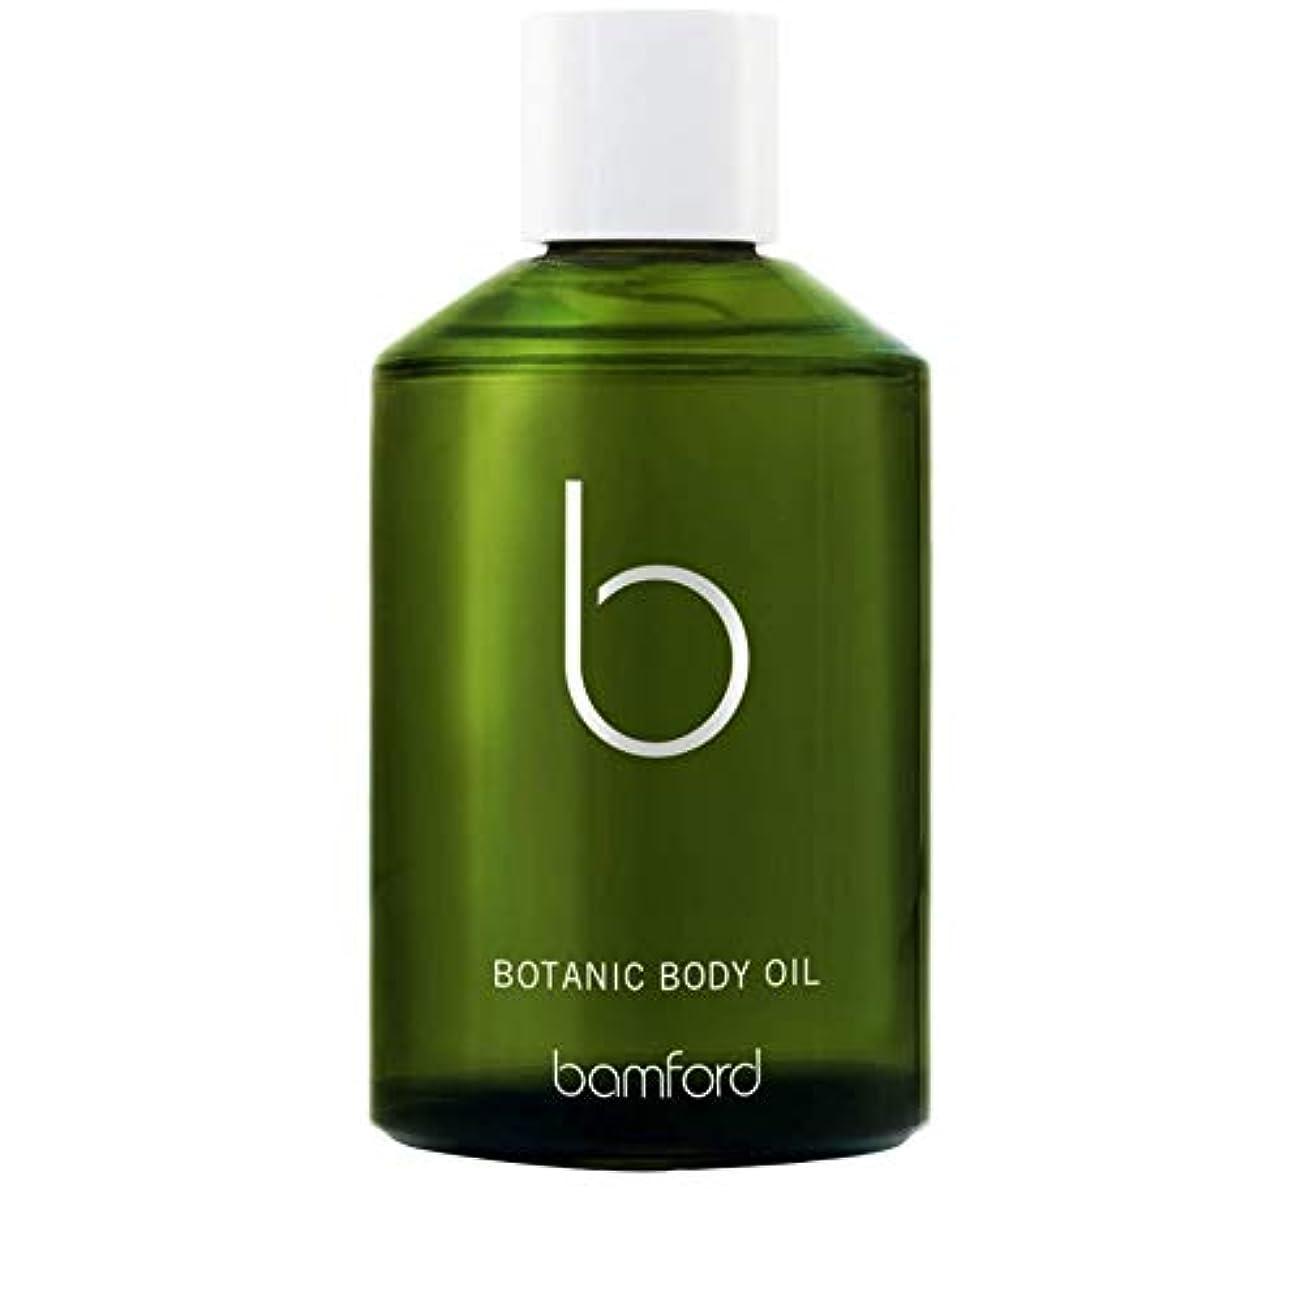 所得大腿報告書[Bamford ] バンフォード植物のボディオイル125ミリリットル - Bamford Botanic Body Oil 125ml [並行輸入品]